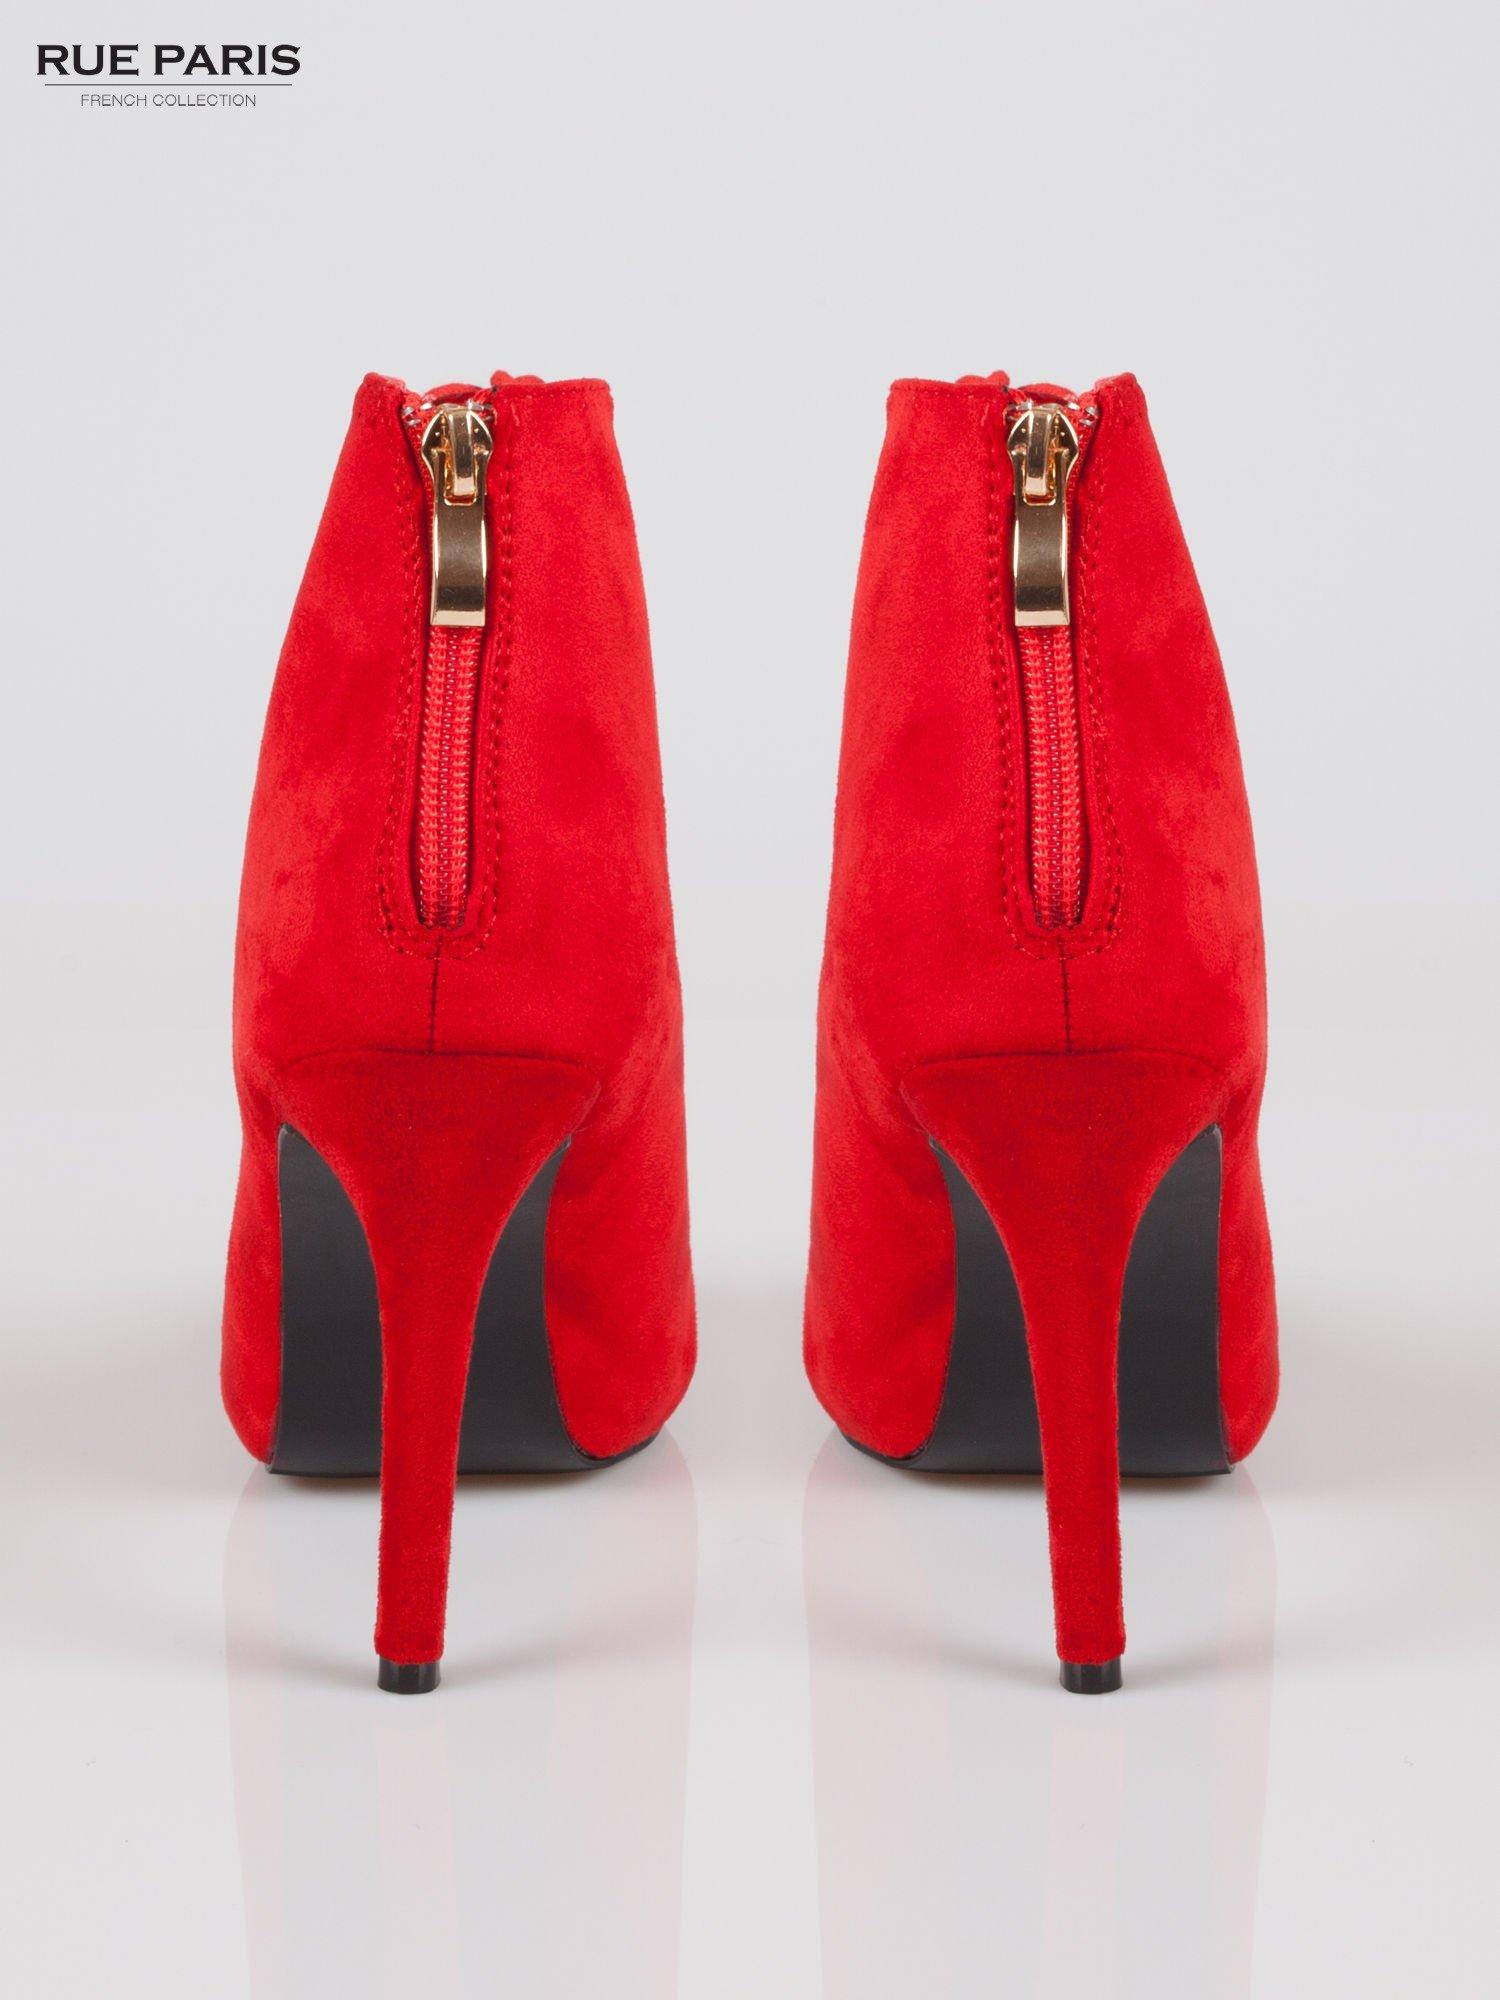 Czerwone sznurowane botki faux suede Kendall lace up open toe z zamkiem                                  zdj.                                  3